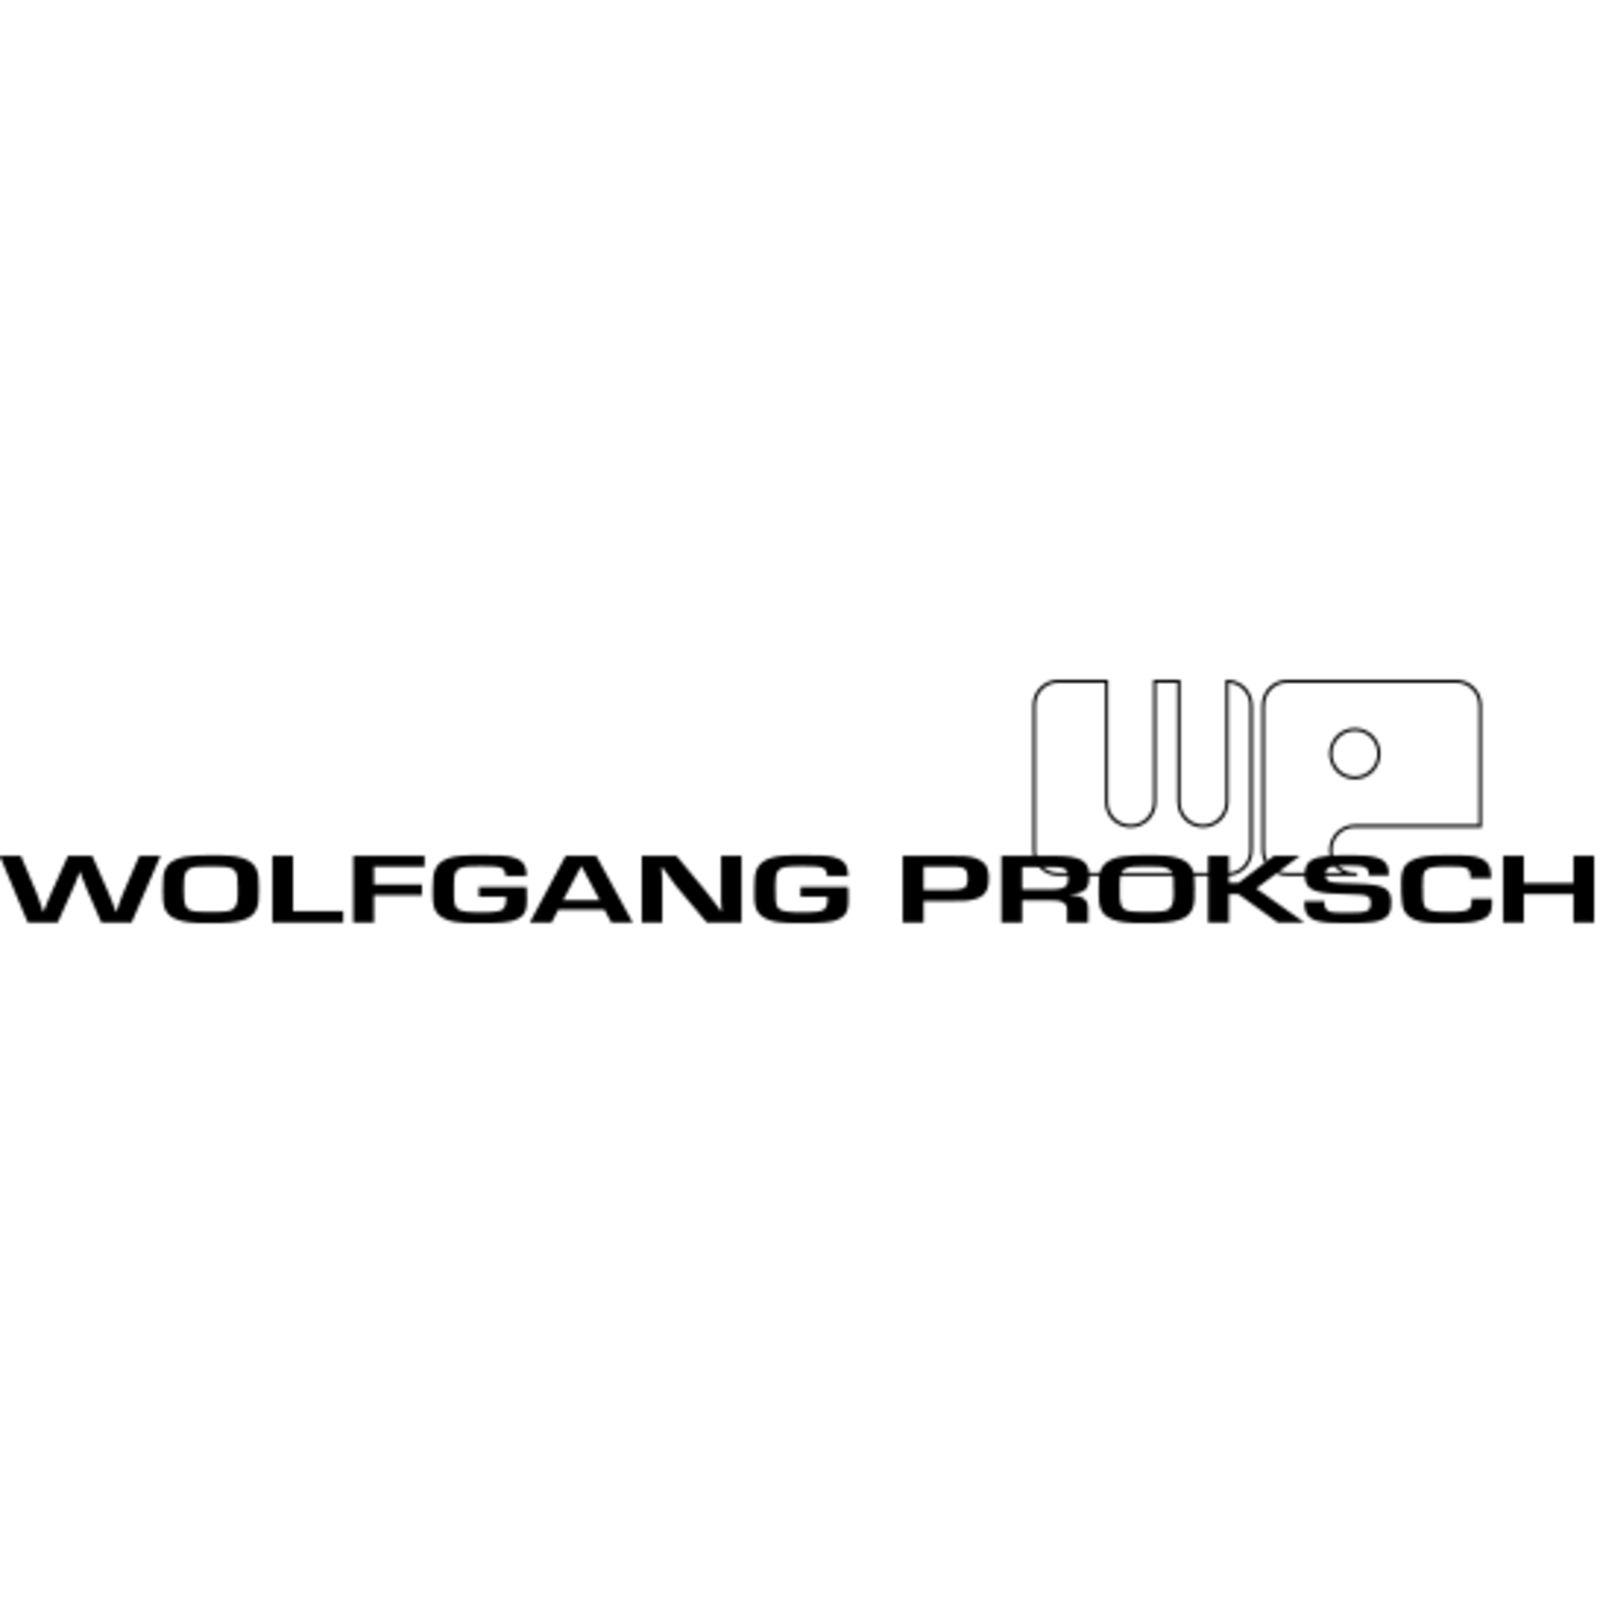 WOLFGANG PROKSCH